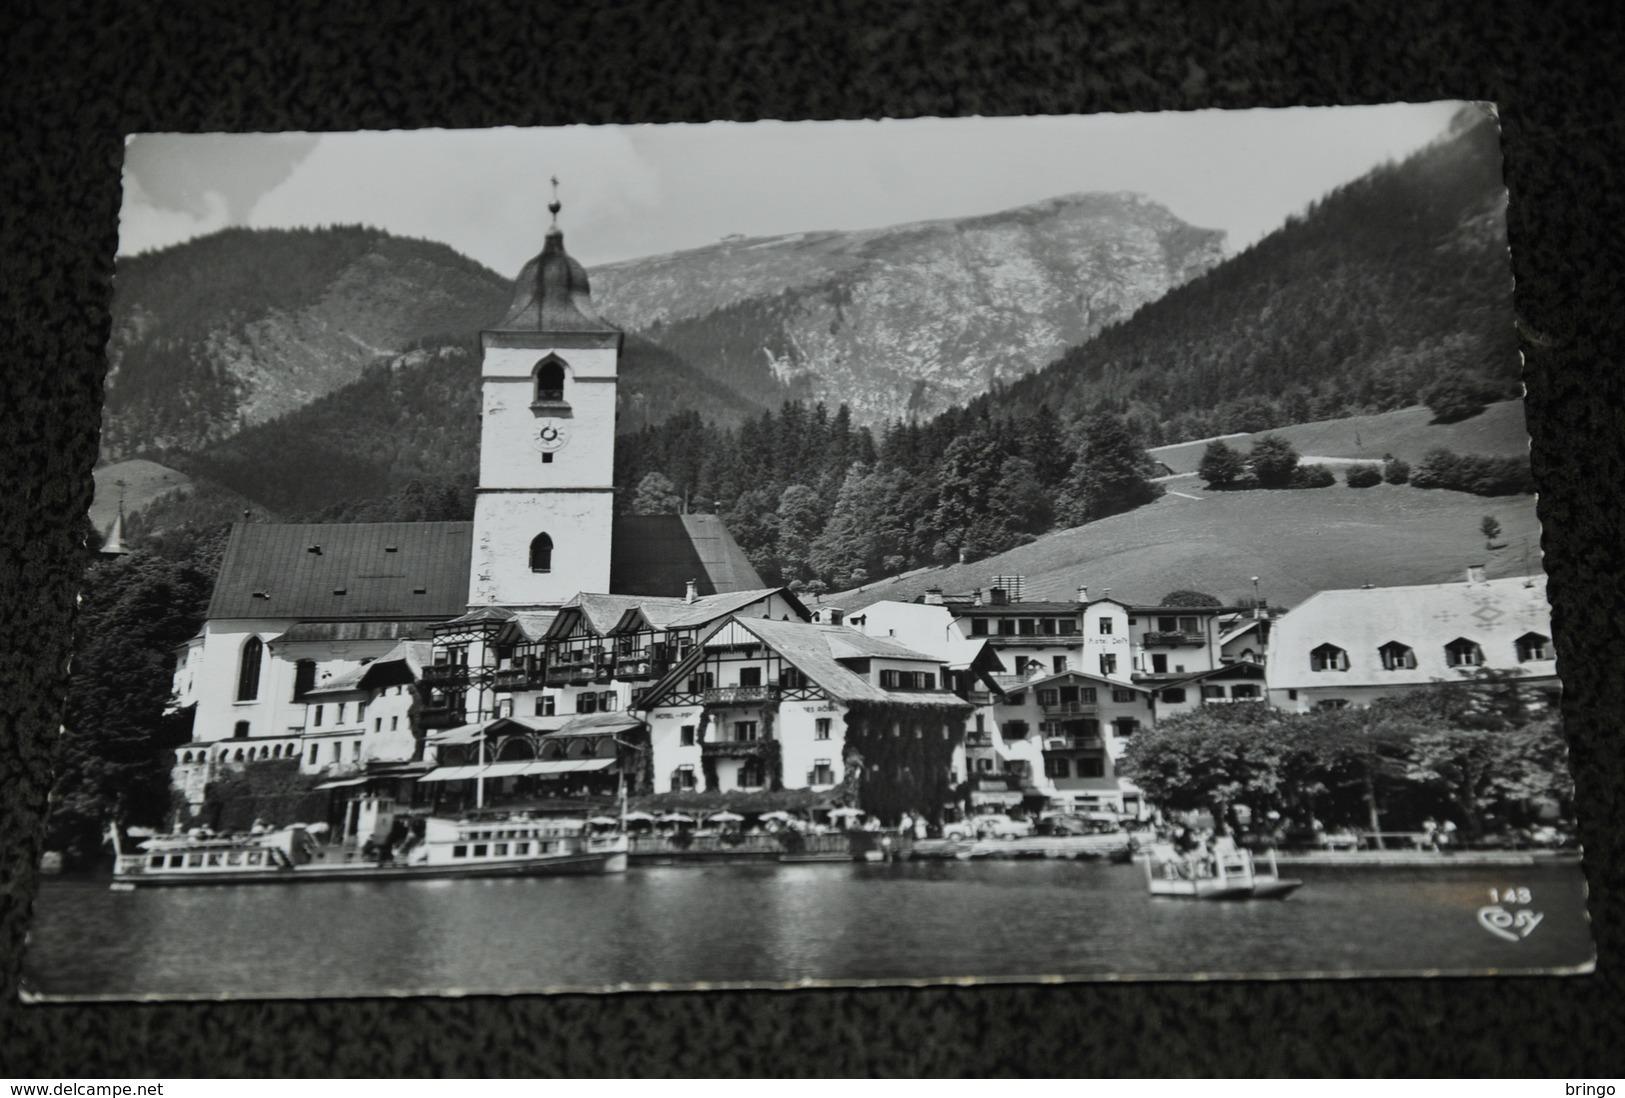 1784- St. Wolfgang - St. Wolfgang